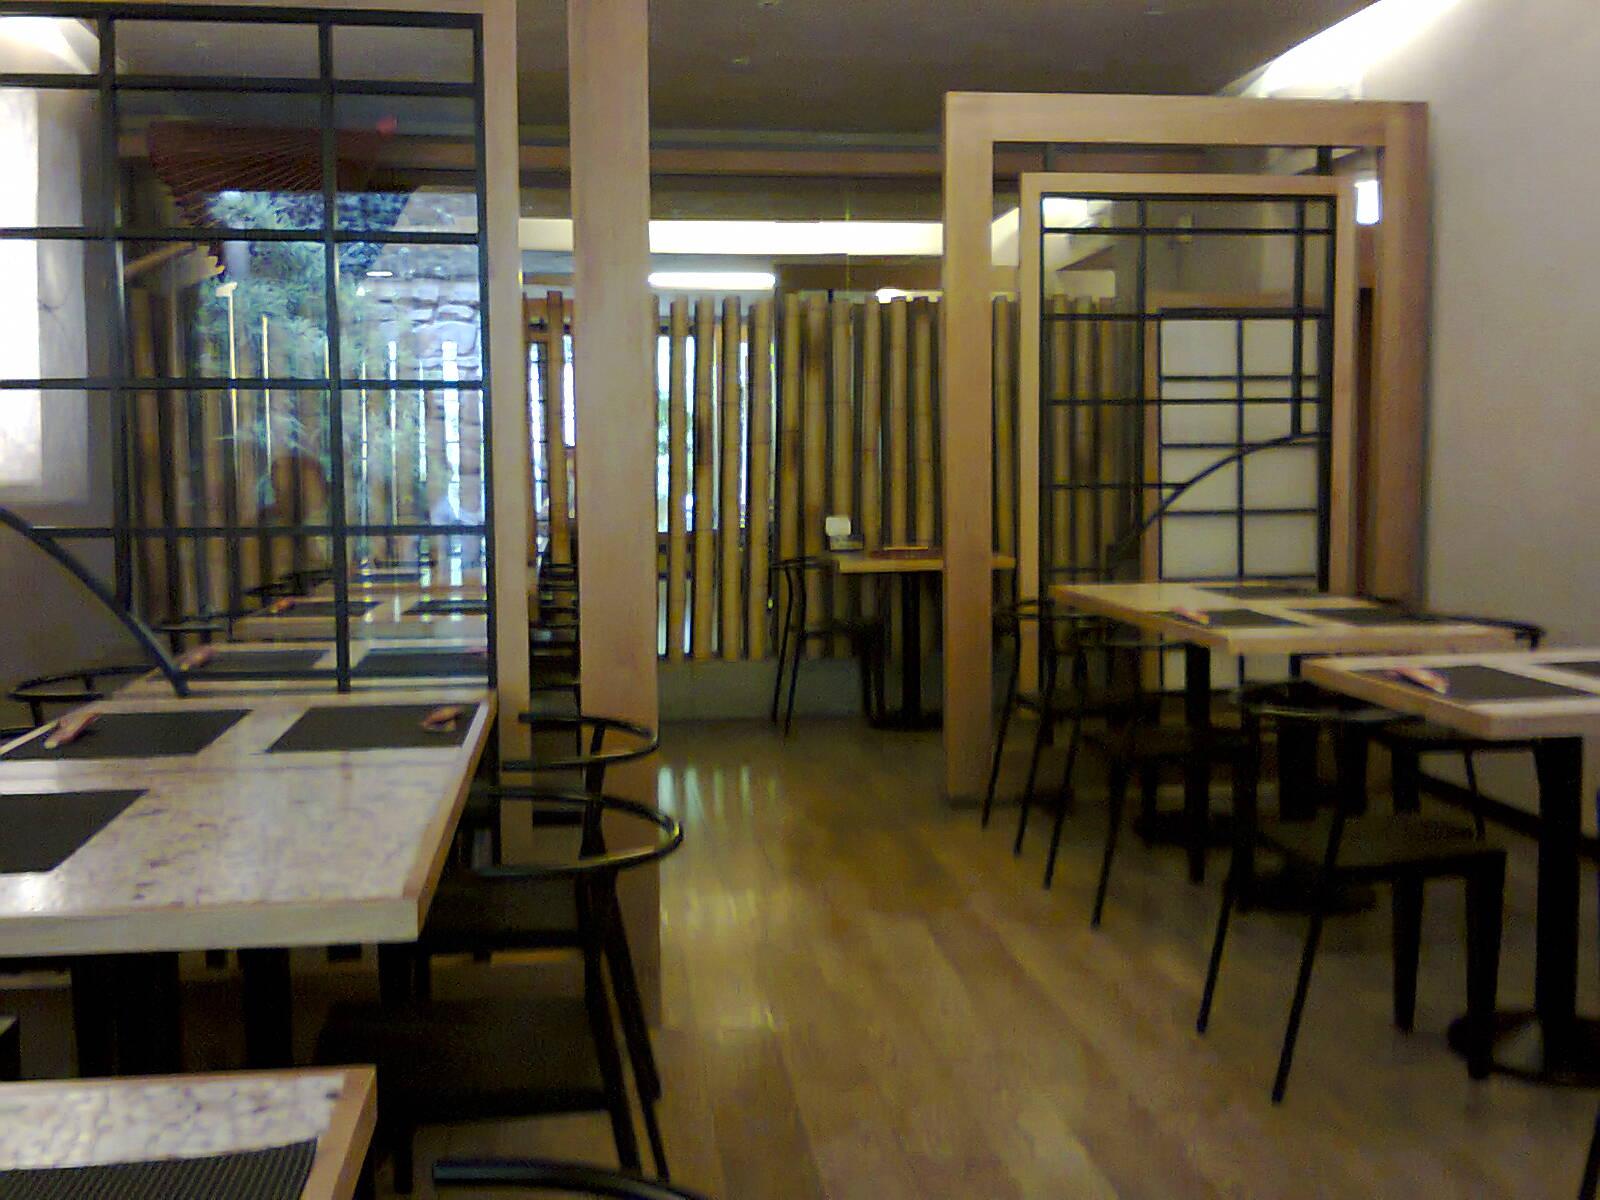 Giappone dai suki desu rokko ristorante giapponese a roma for Finestra giapponese